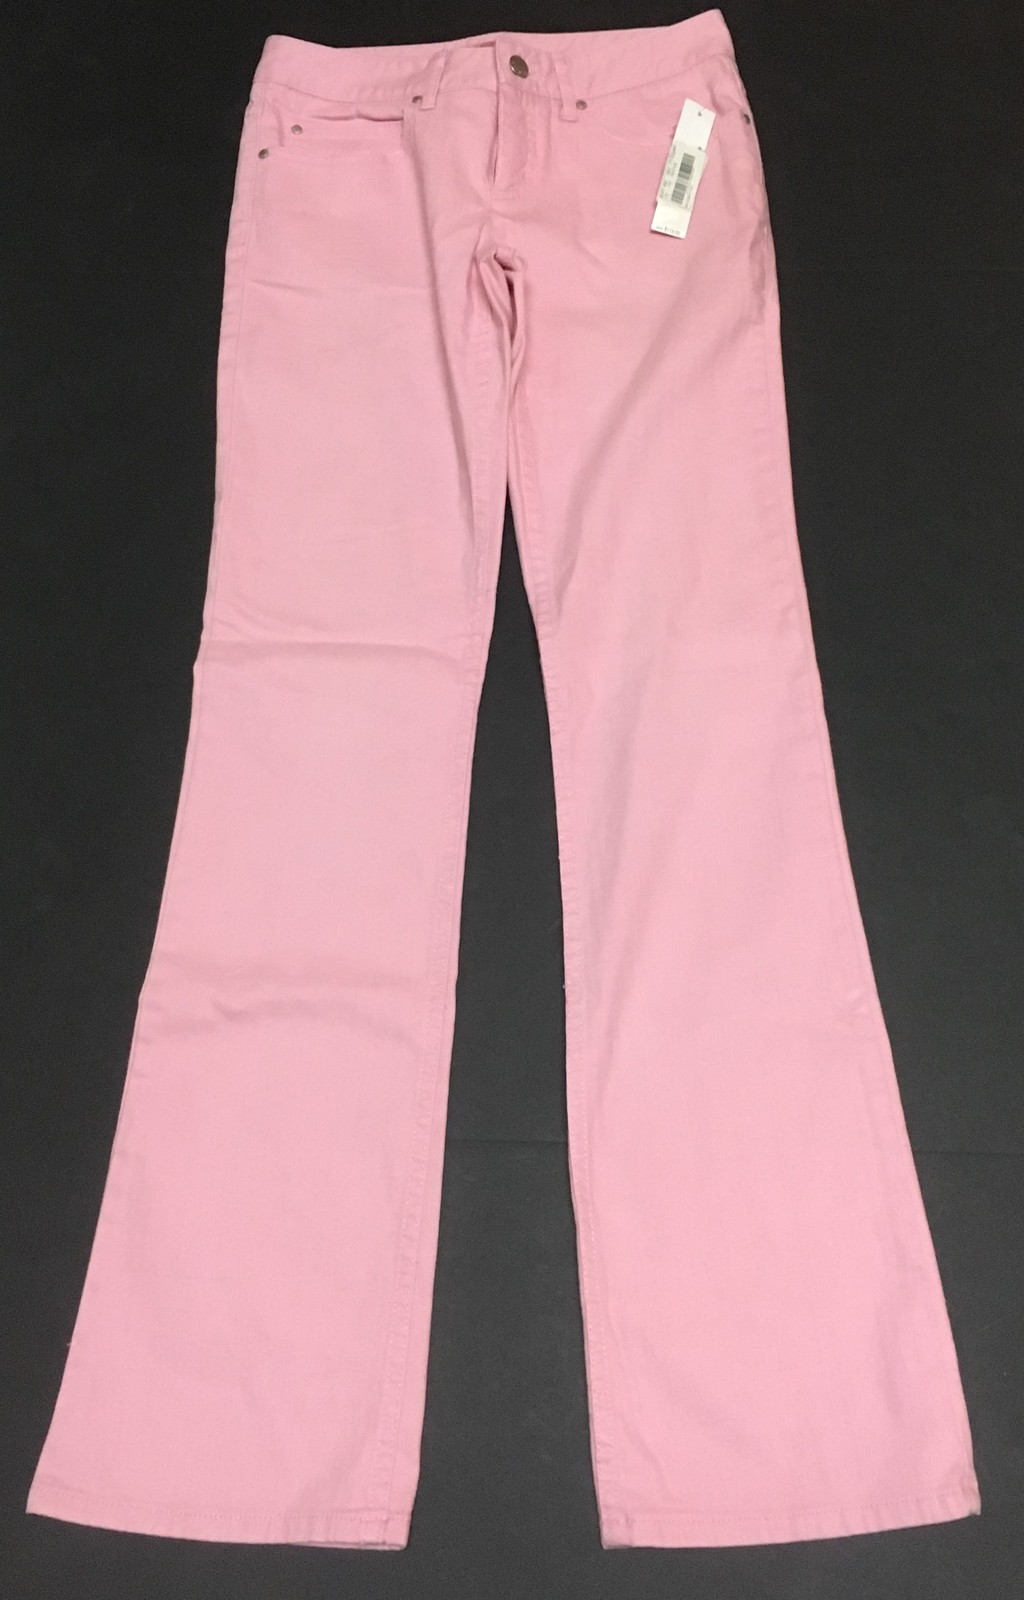 """Gianni Bini Bubble Gum Pink Jeans Juniors Sz 0 (26"""" x 31"""")"""